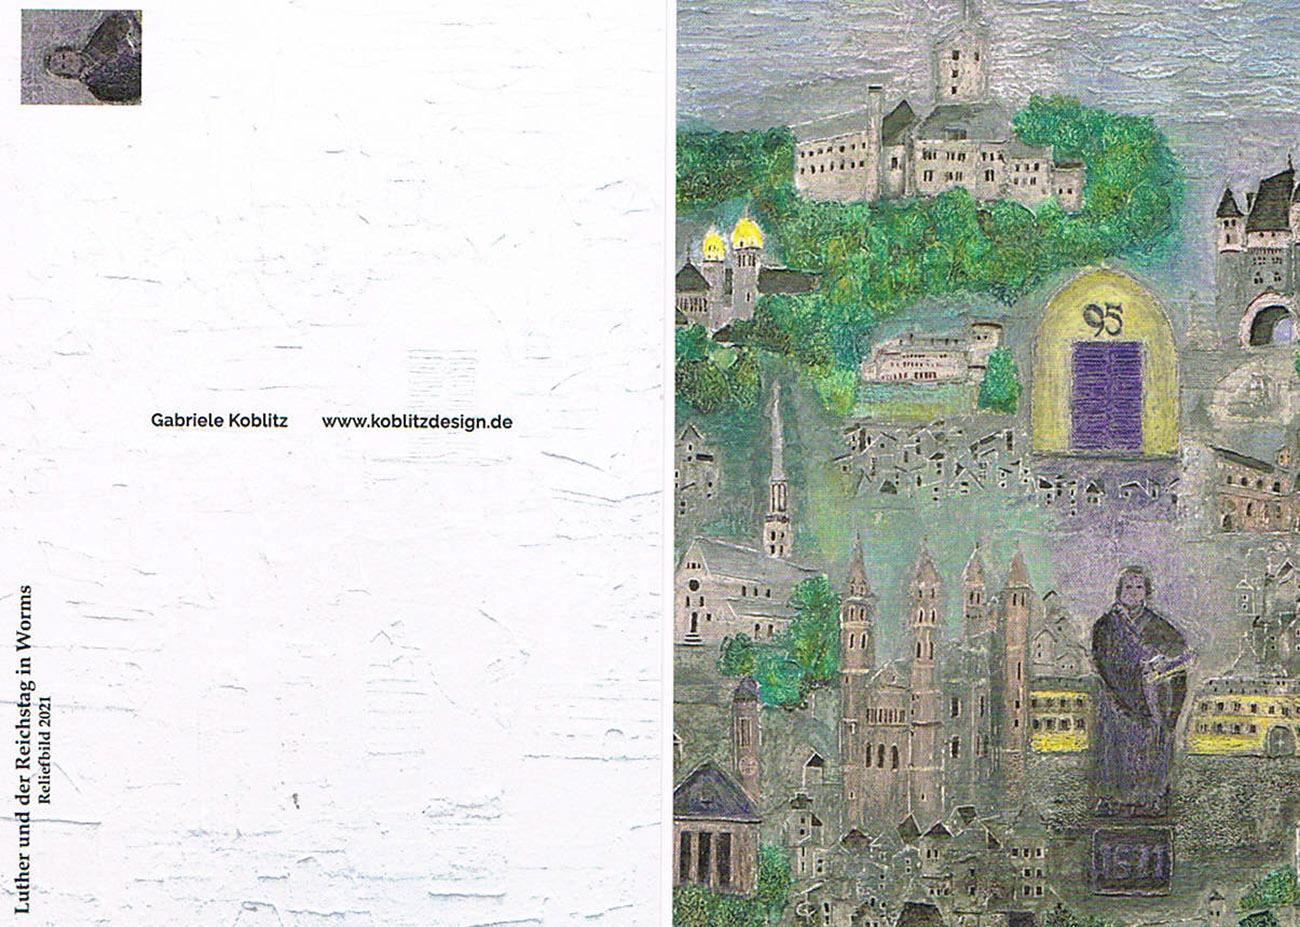 Gabriele Koblitz, Luther und der Reichstag in Worms Gabriele Koblitz